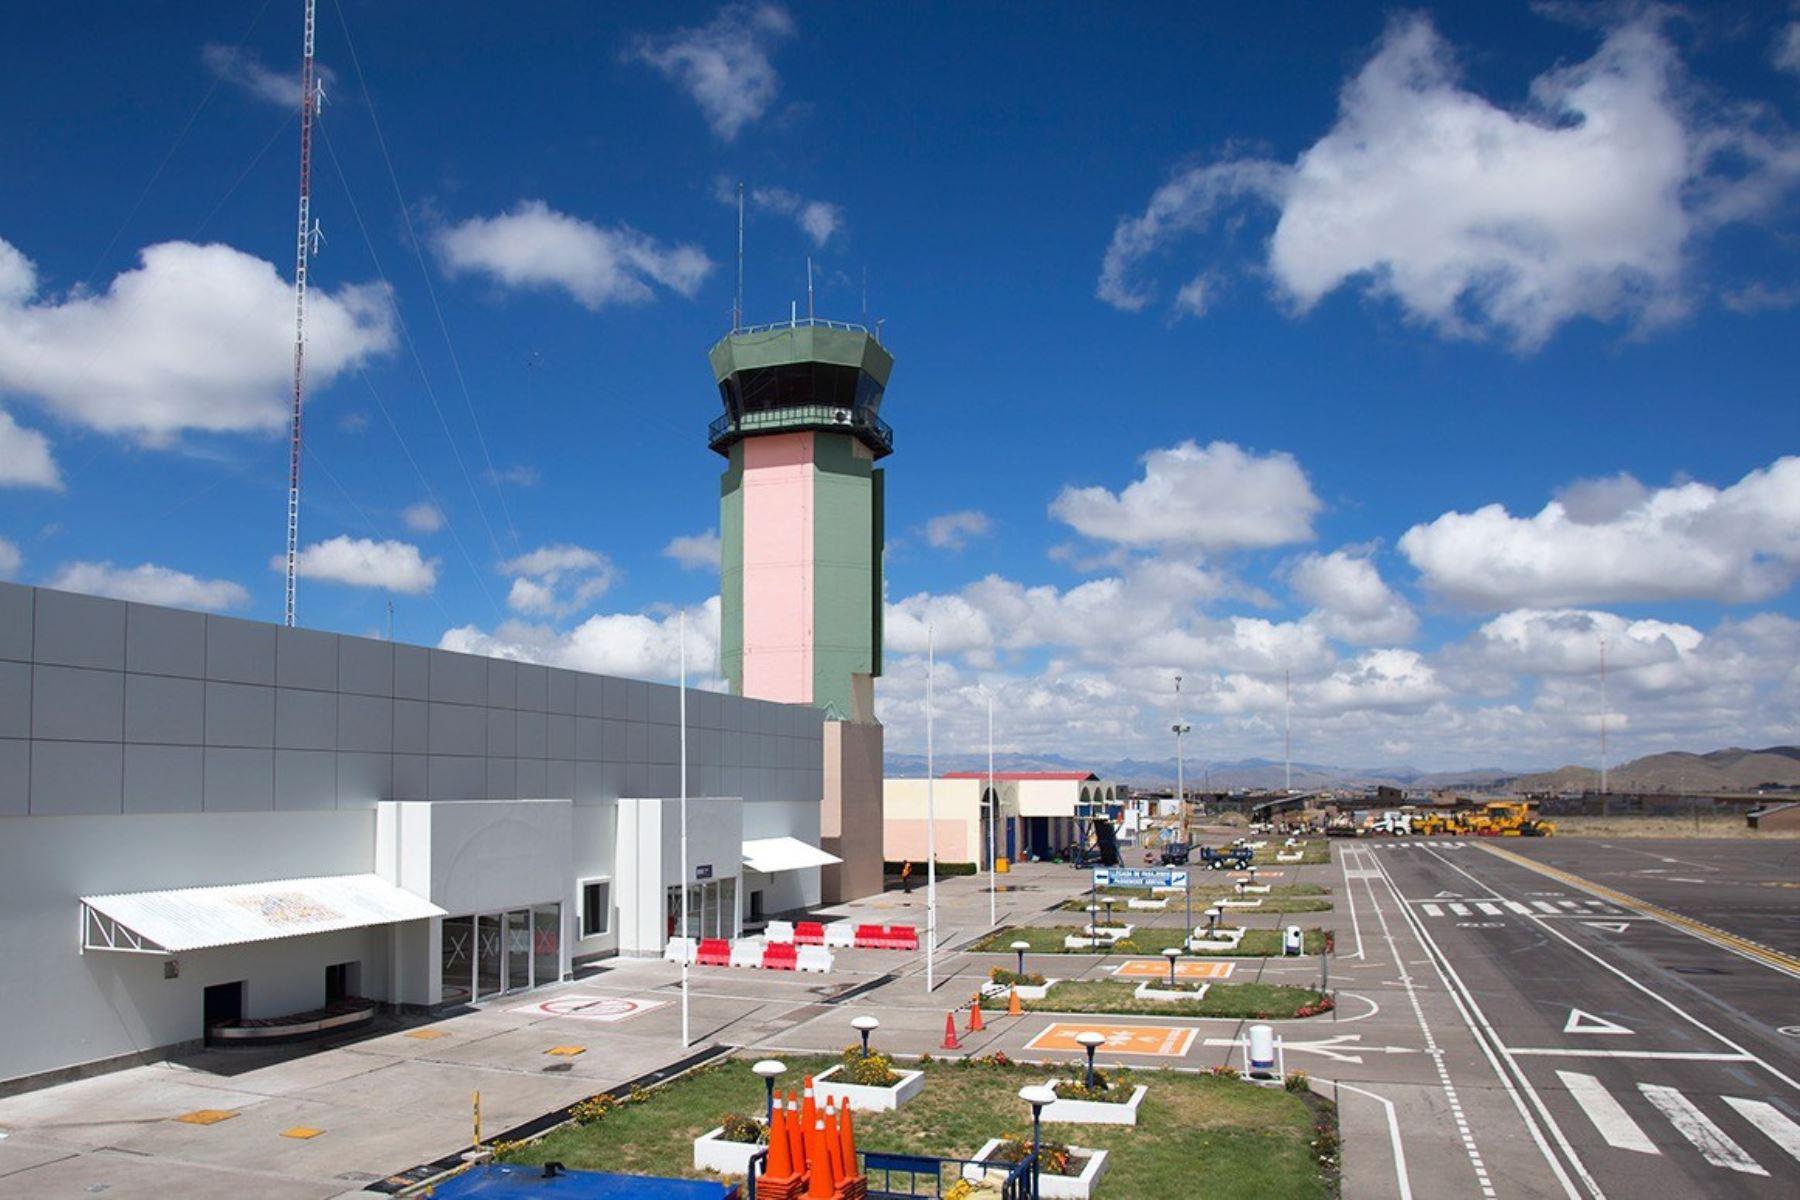 El aeropuerto de Juliaca es uno de los terminales aéreos que mañana reiniciará sus actividades y recibirá vuelos comerciales. ANDINA/Difusión